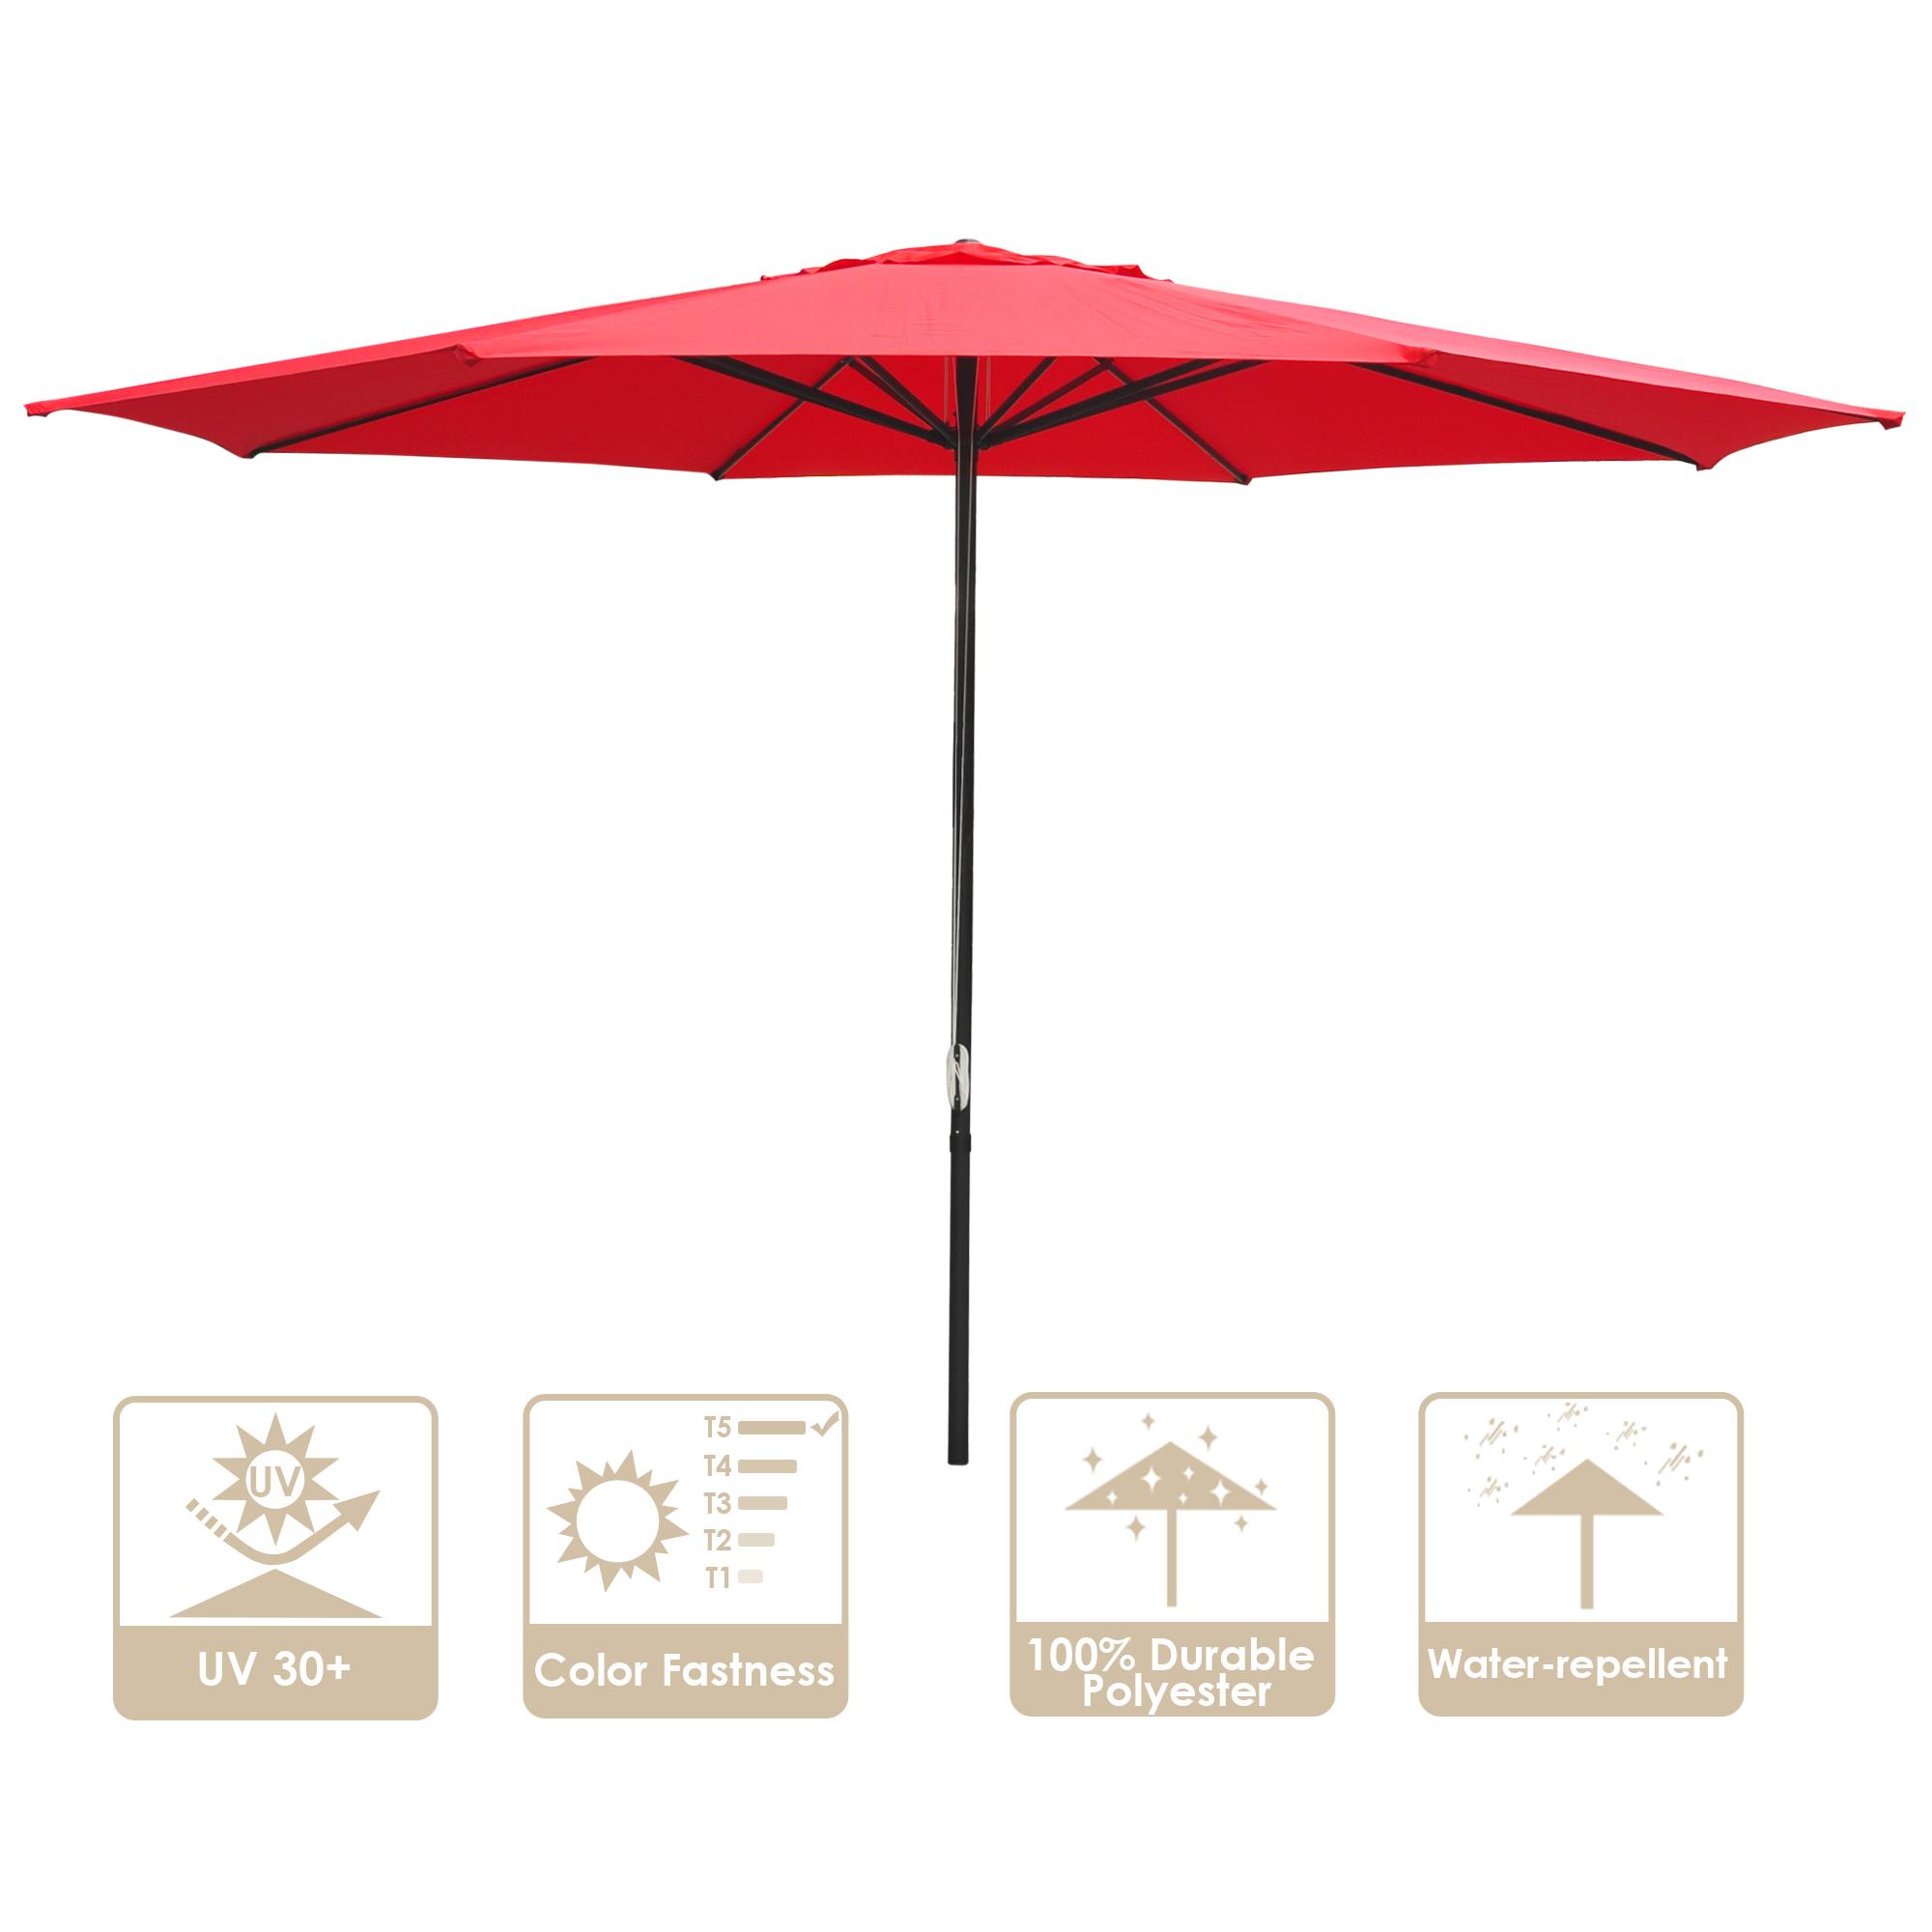 thumbnail 52 - 13' FT Sun Shade Patio Aluminum Umbrella UV30+ Outdoor Market Garden Beach Deck